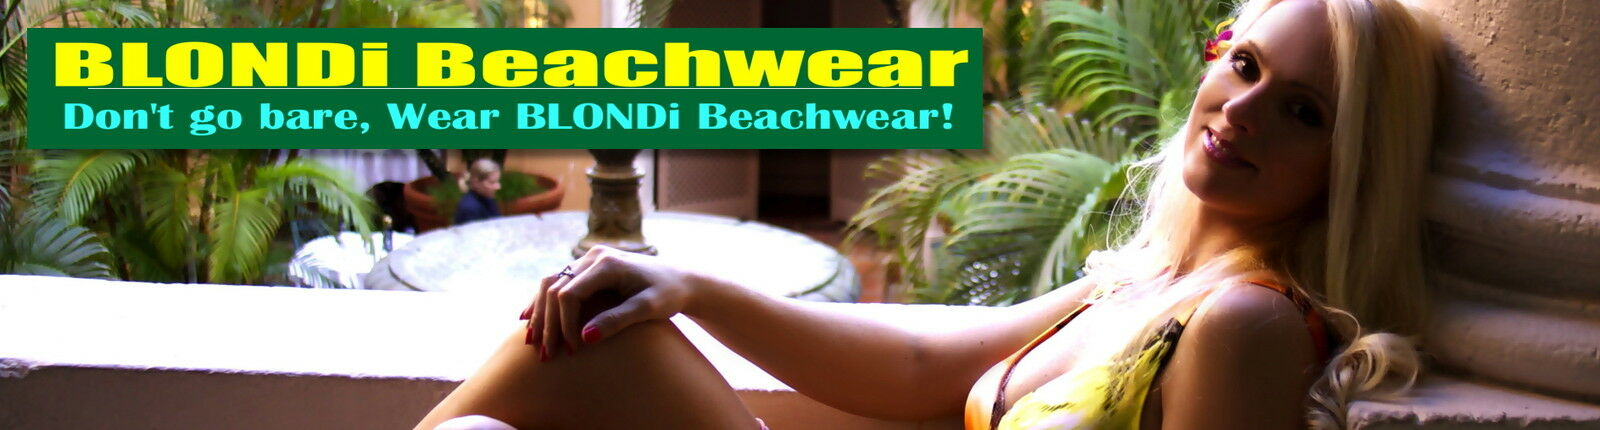 blondibeachwear